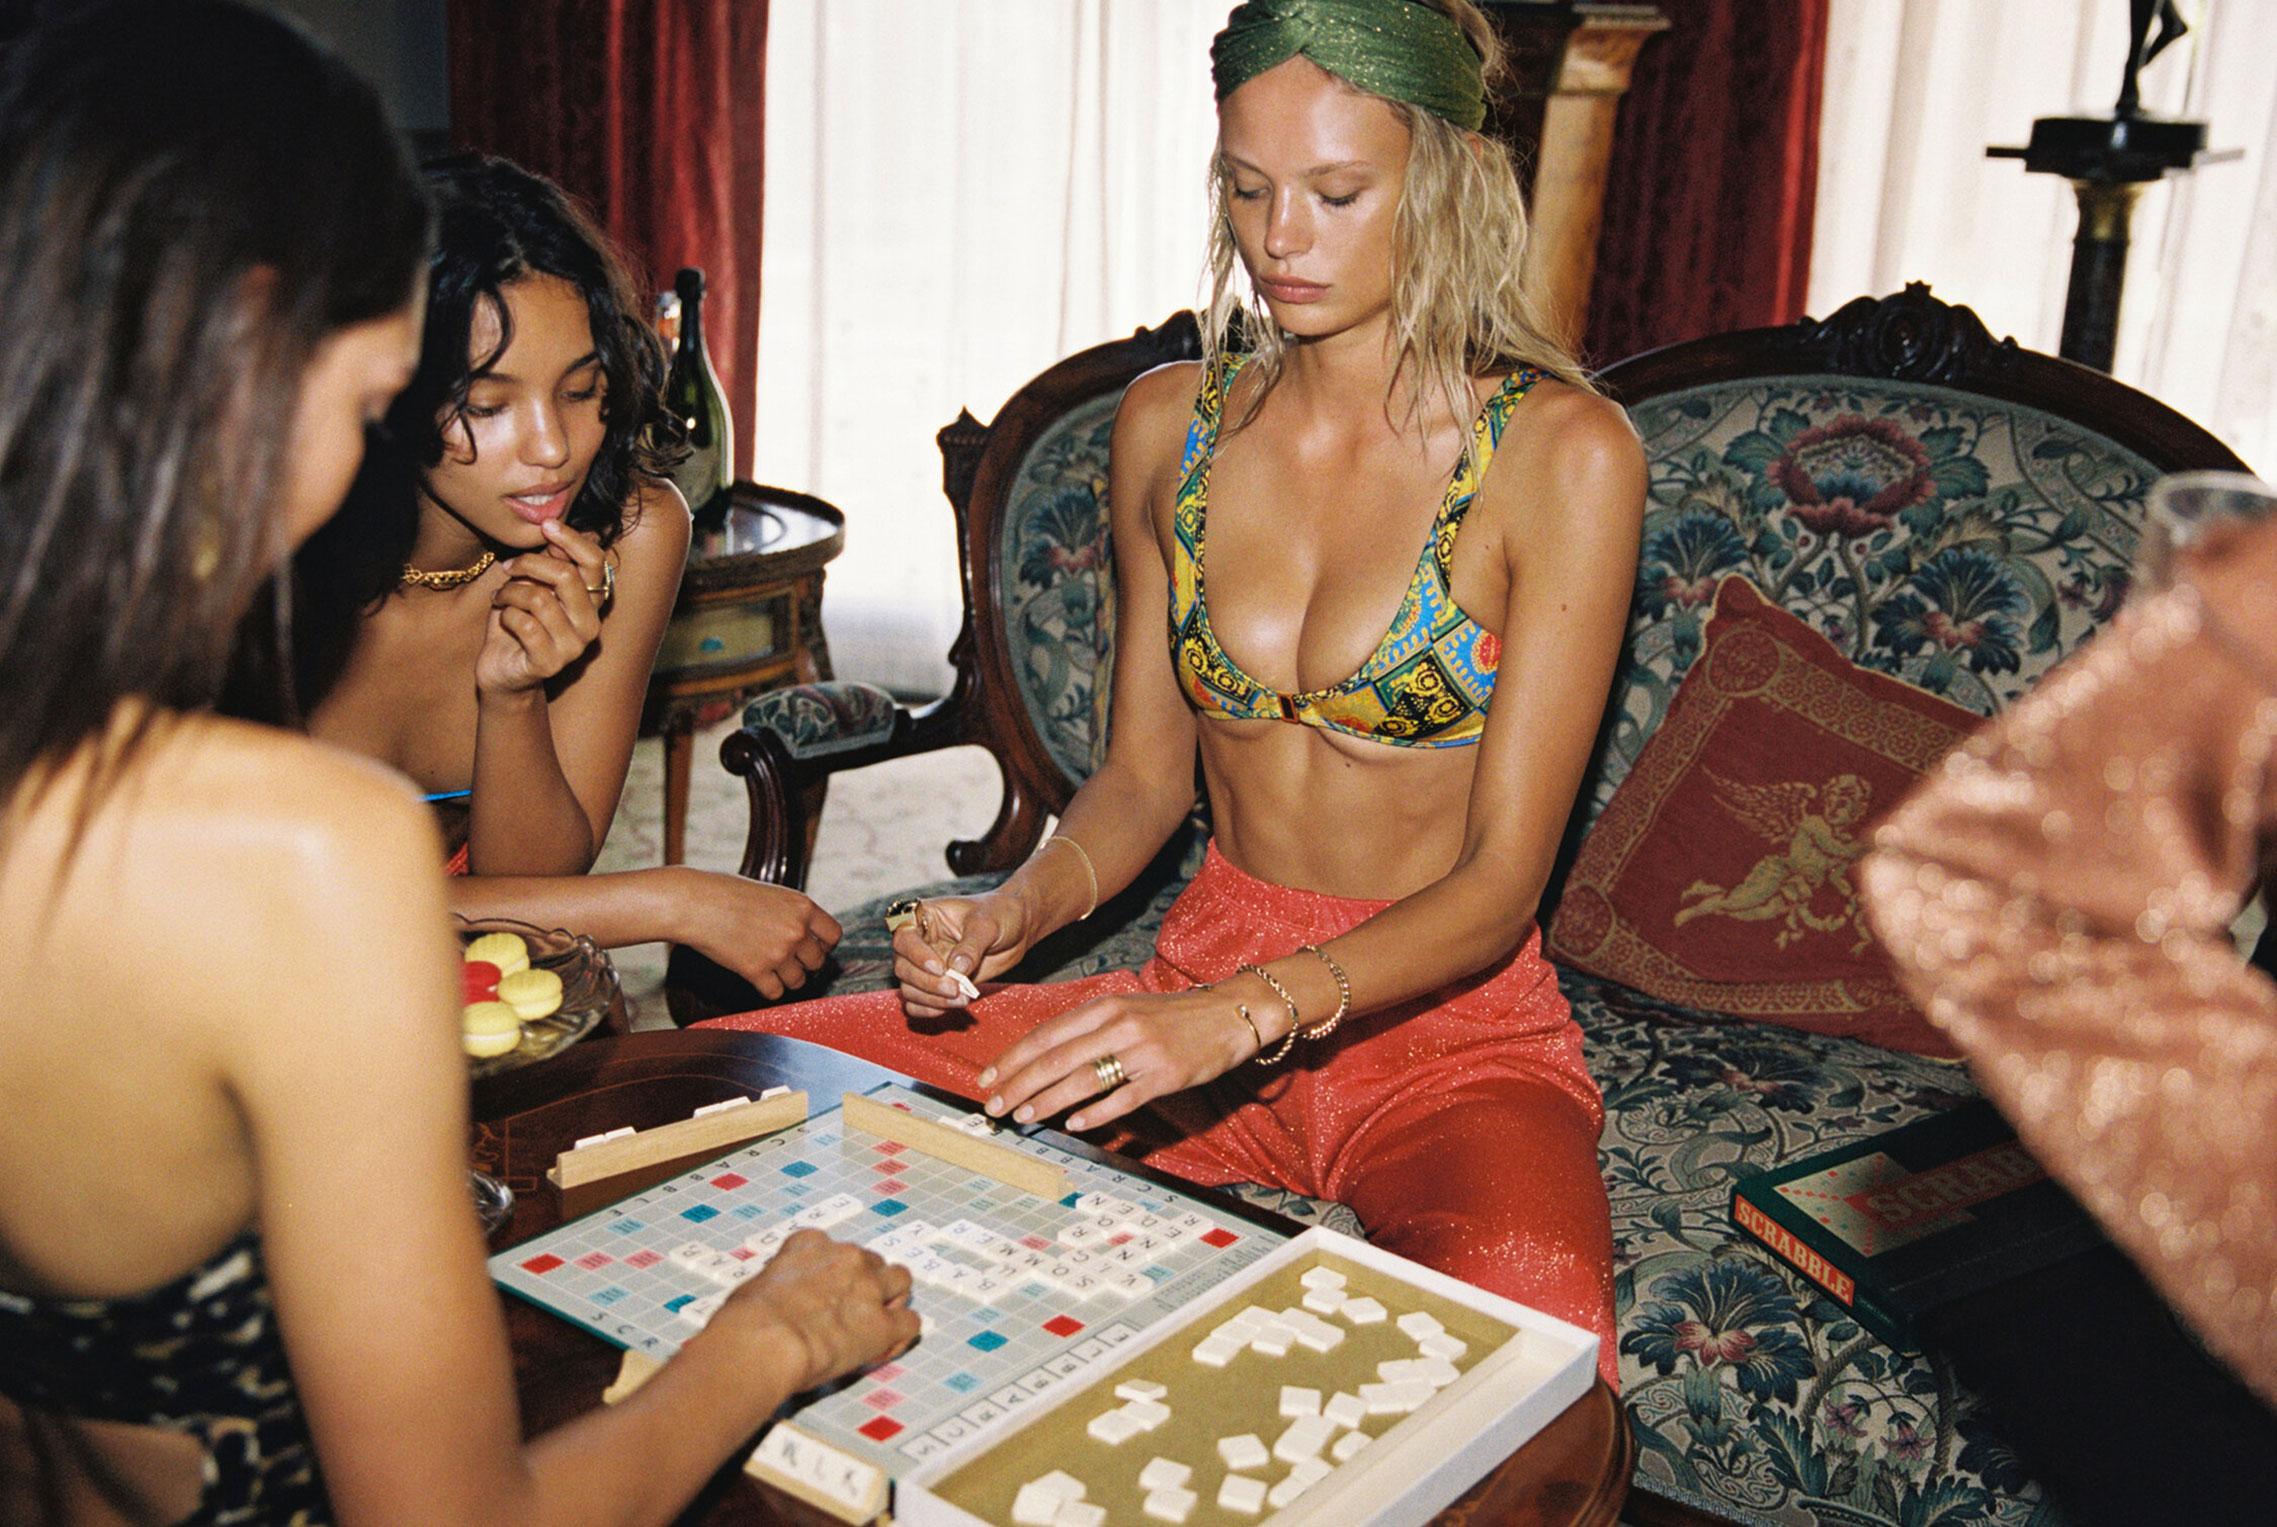 гедонистические развлечения богемы в рекламной кампании коллекции курортной одежды Sommer Swim 2020 / фото 36